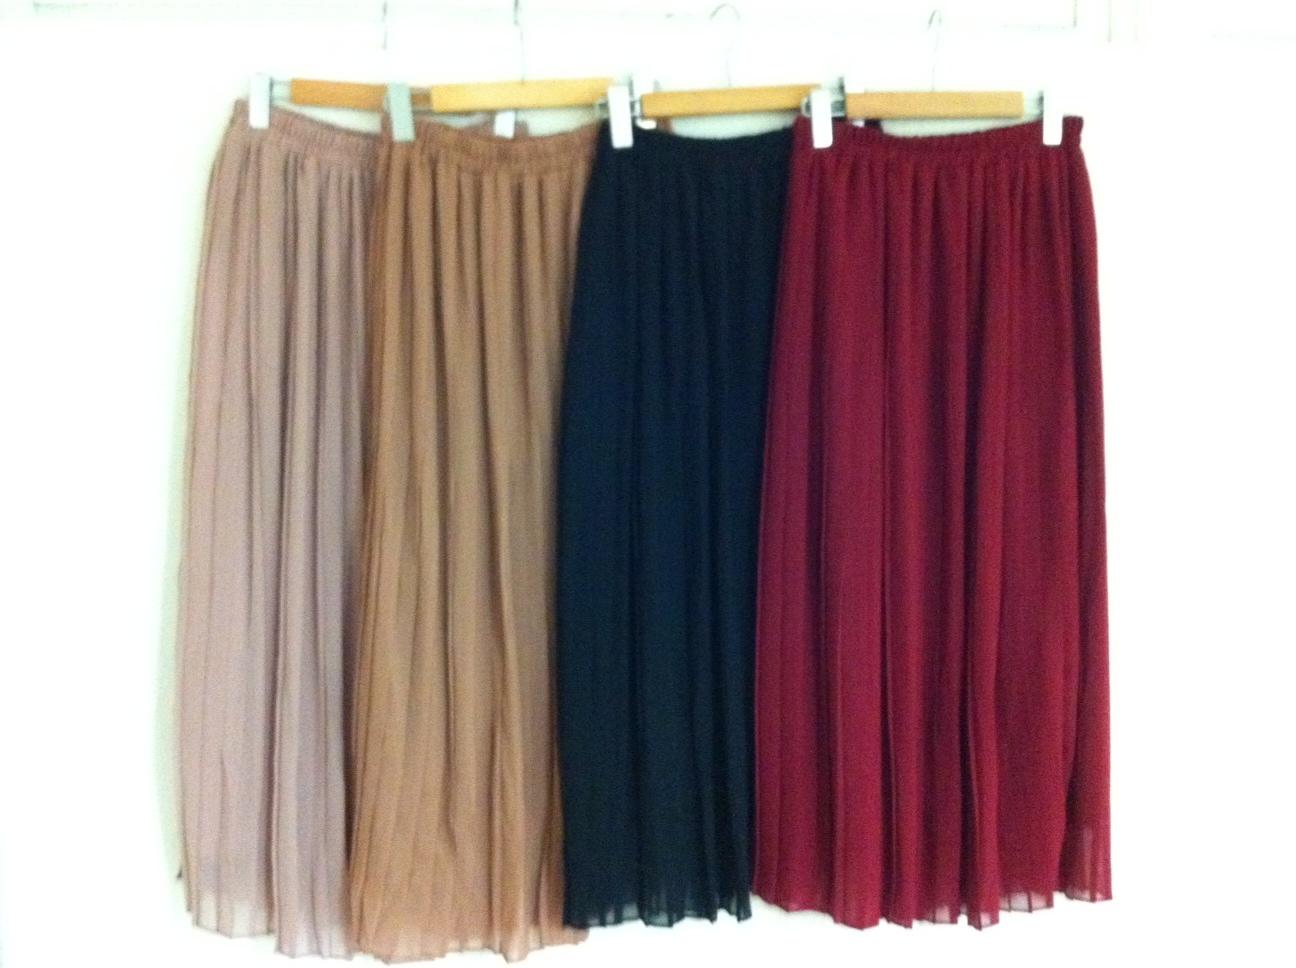 ロングのプリーツスカートを使ったコーディネートが可愛さ満点♡のサムネイル画像